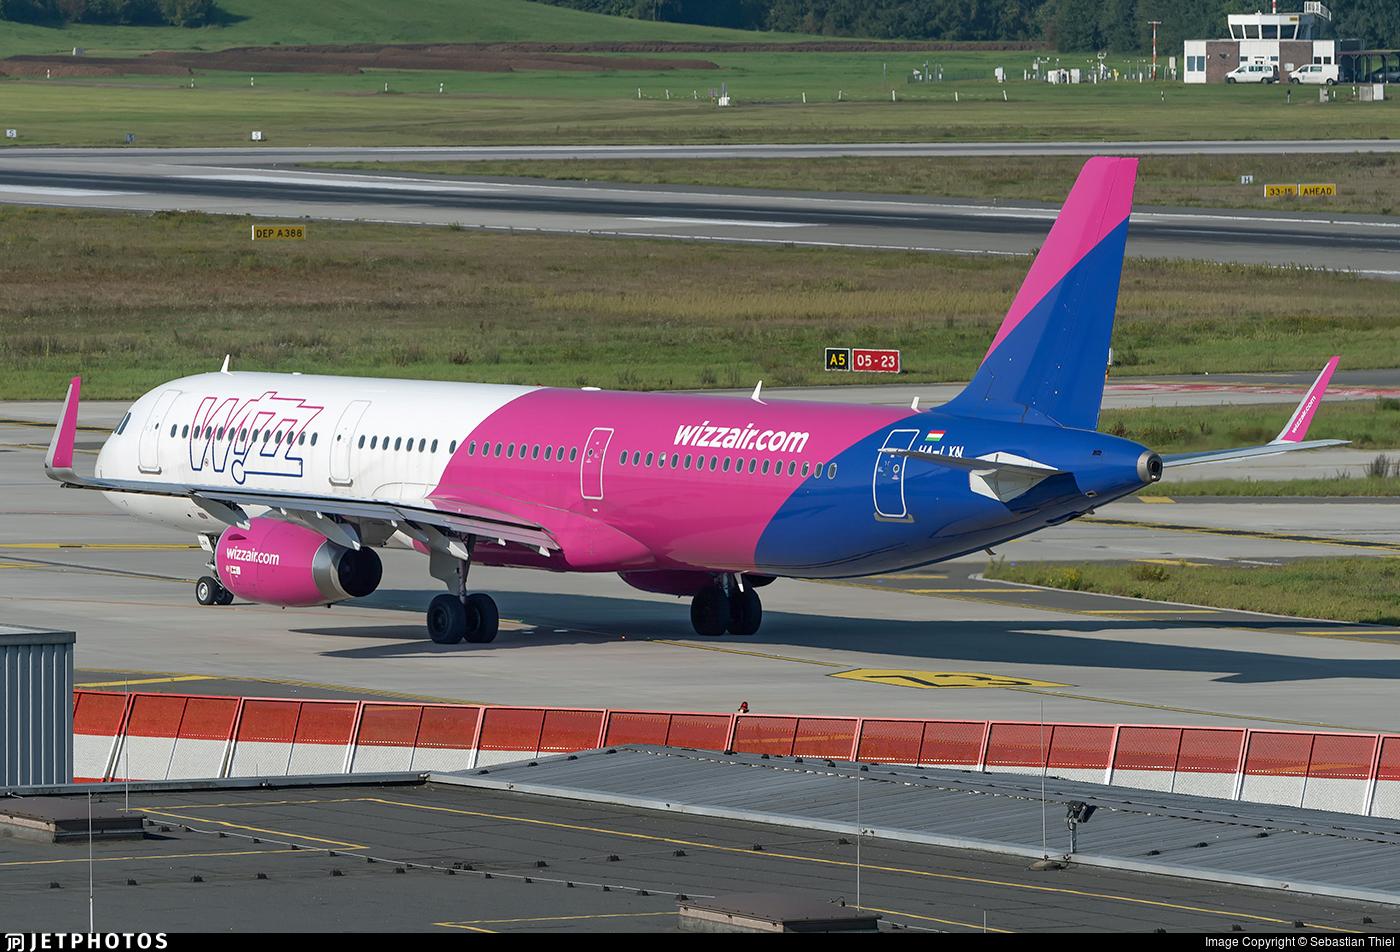 HA-LXN - Airbus A321-231 - Wizz Air